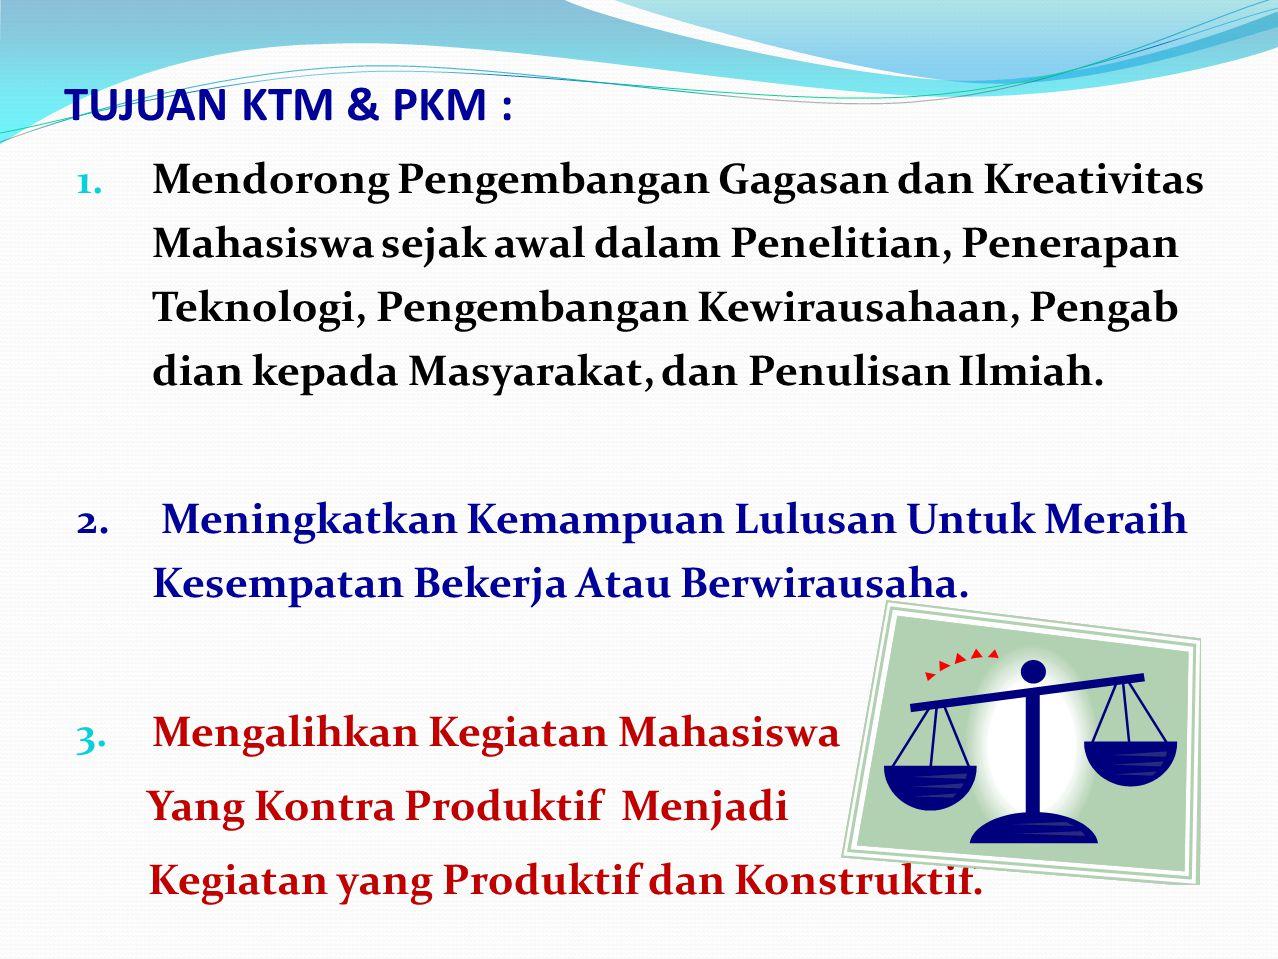 TUJUAN KTM & PKM : 1. Mendorong Pengembangan Gagasan dan Kreativitas Mahasiswa sejak awal dalam Penelitian, Penerapan Teknologi, Pengembangan Kewiraus